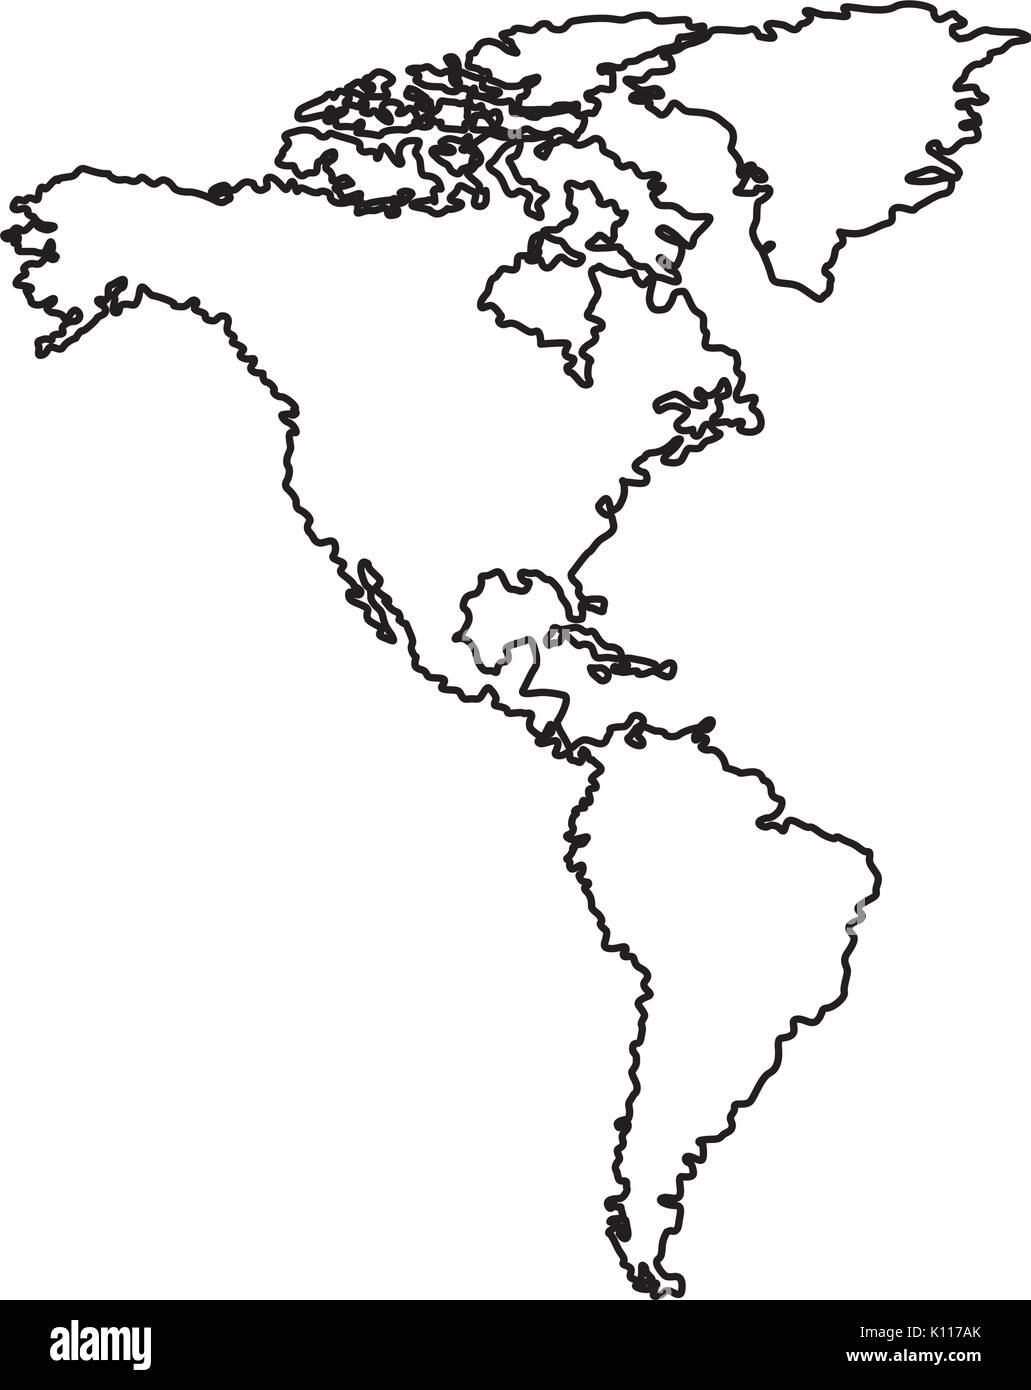 Südamerika Karte Ohne Beschriftung.Kontinent Grenzen Stockfotos Kontinent Grenzen Bilder Alamy